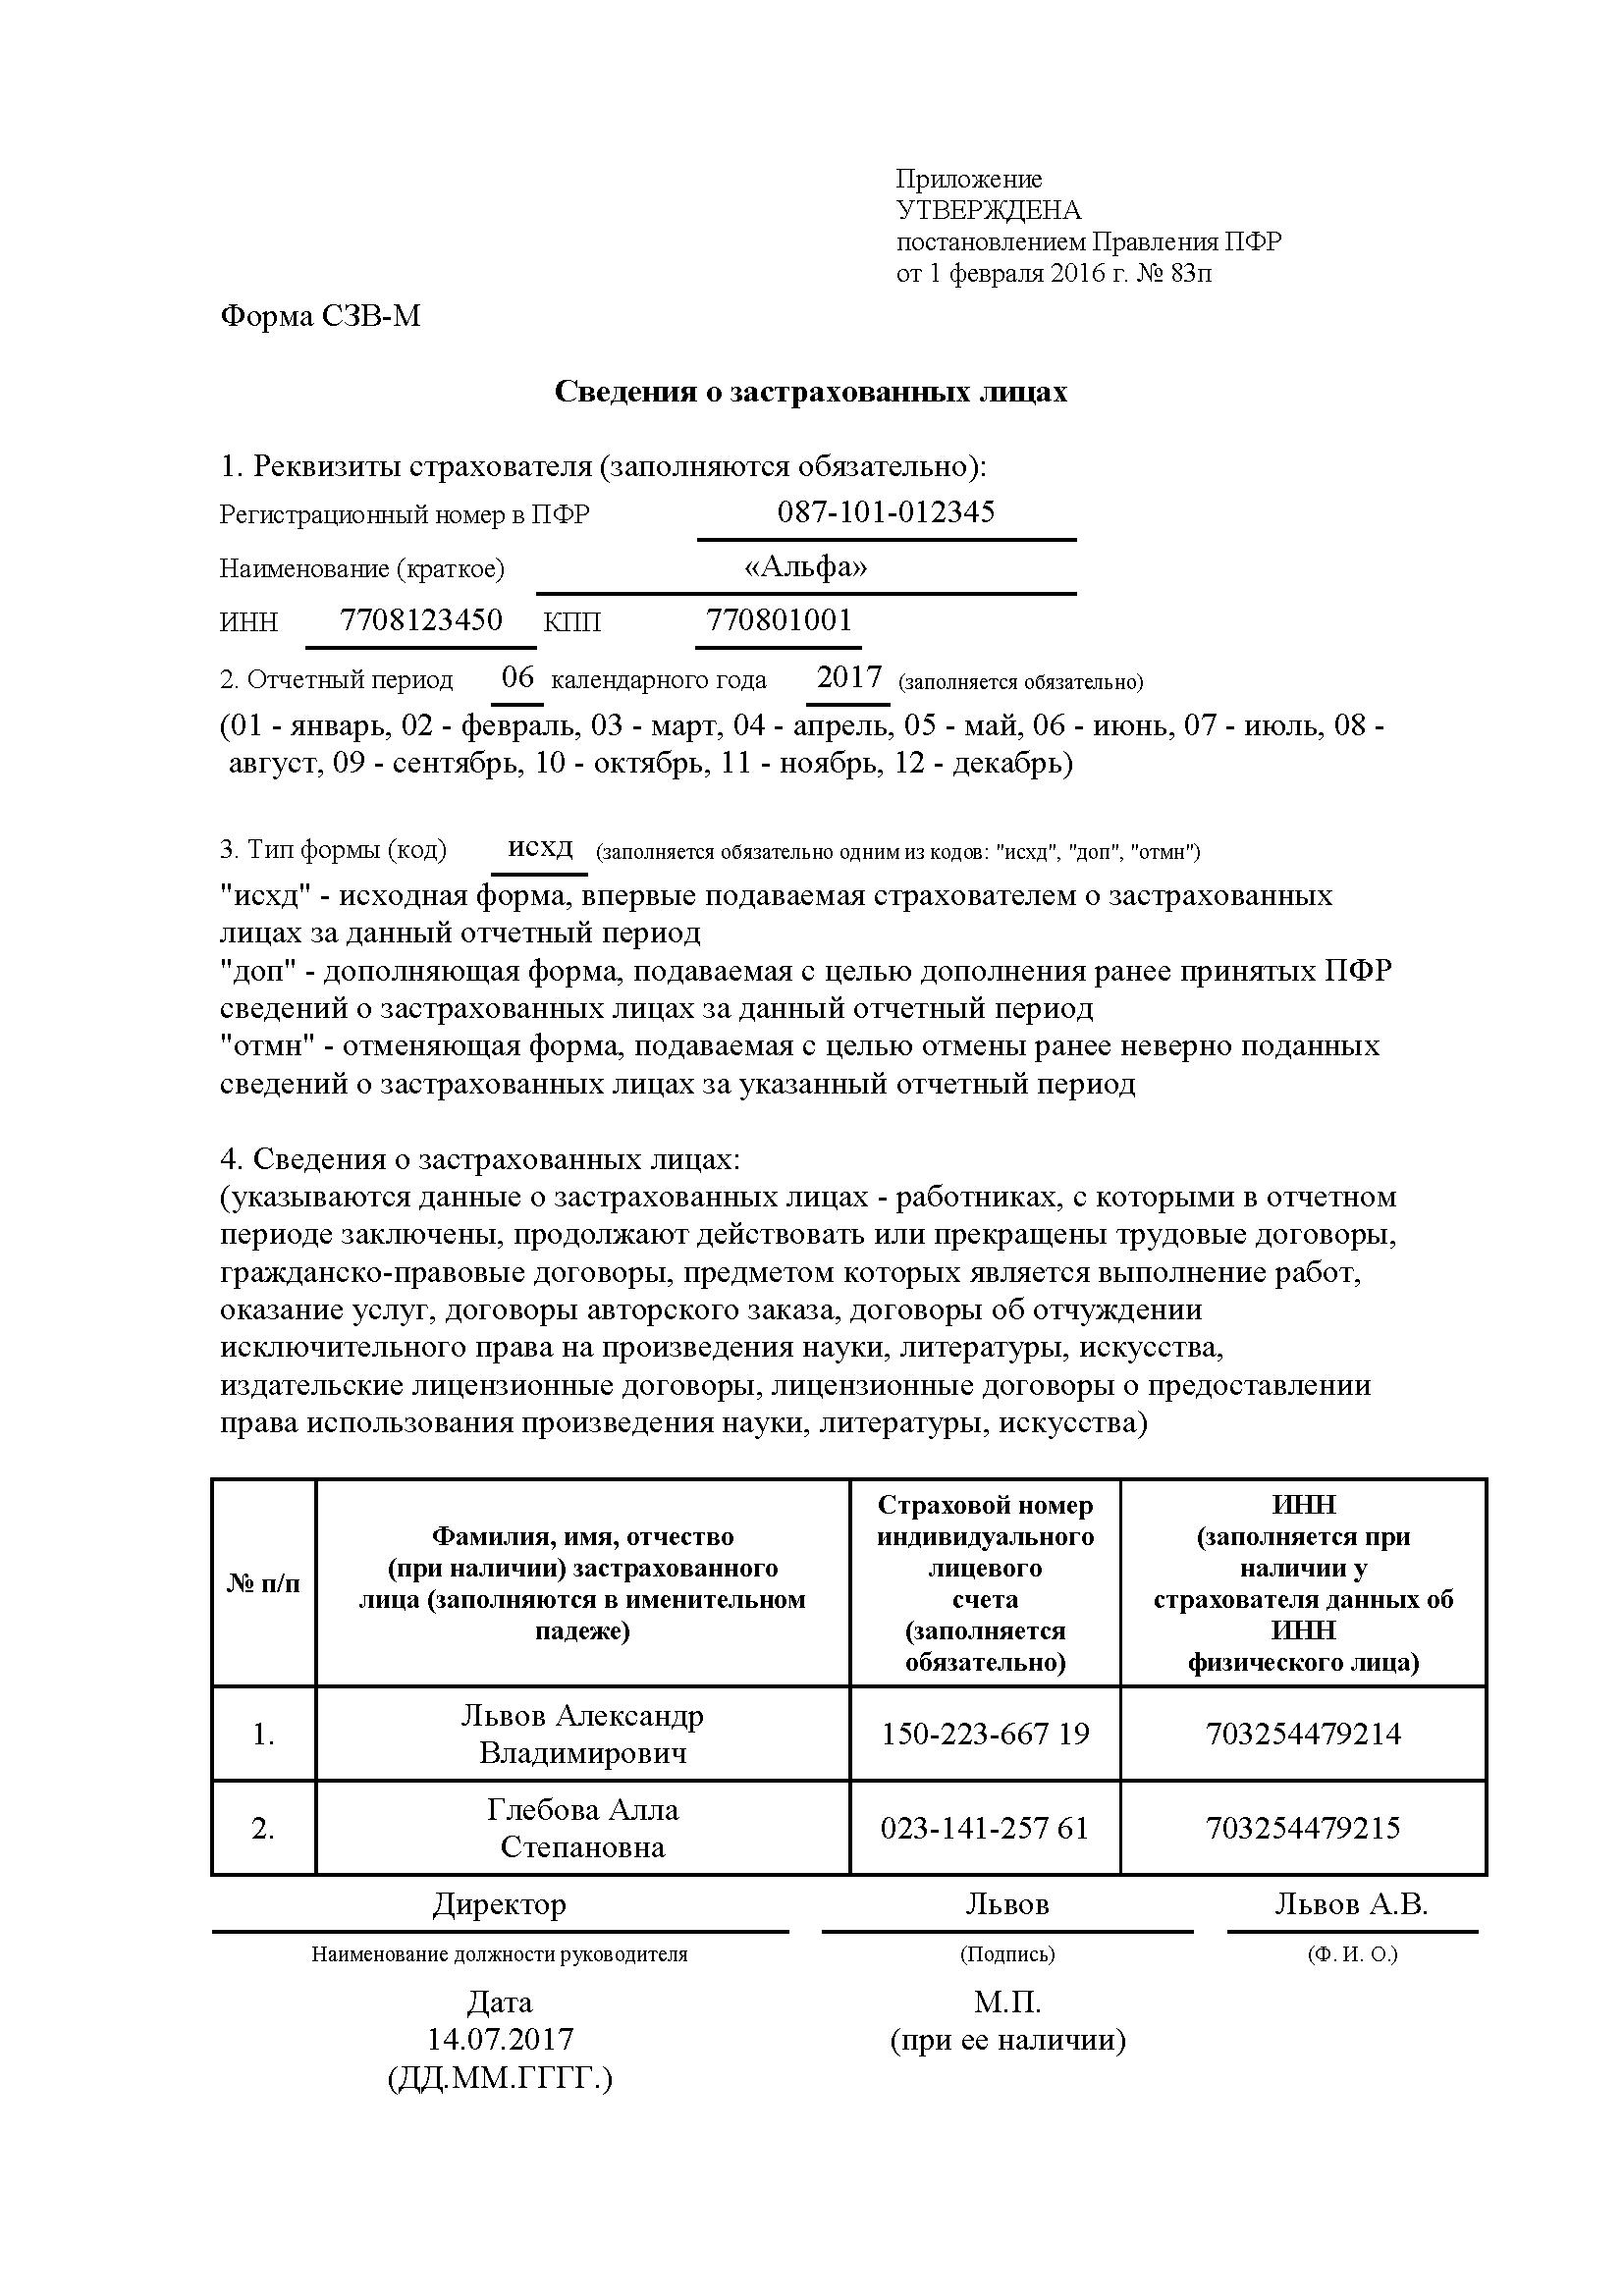 Форма М17 бланк скачать - картинка 3